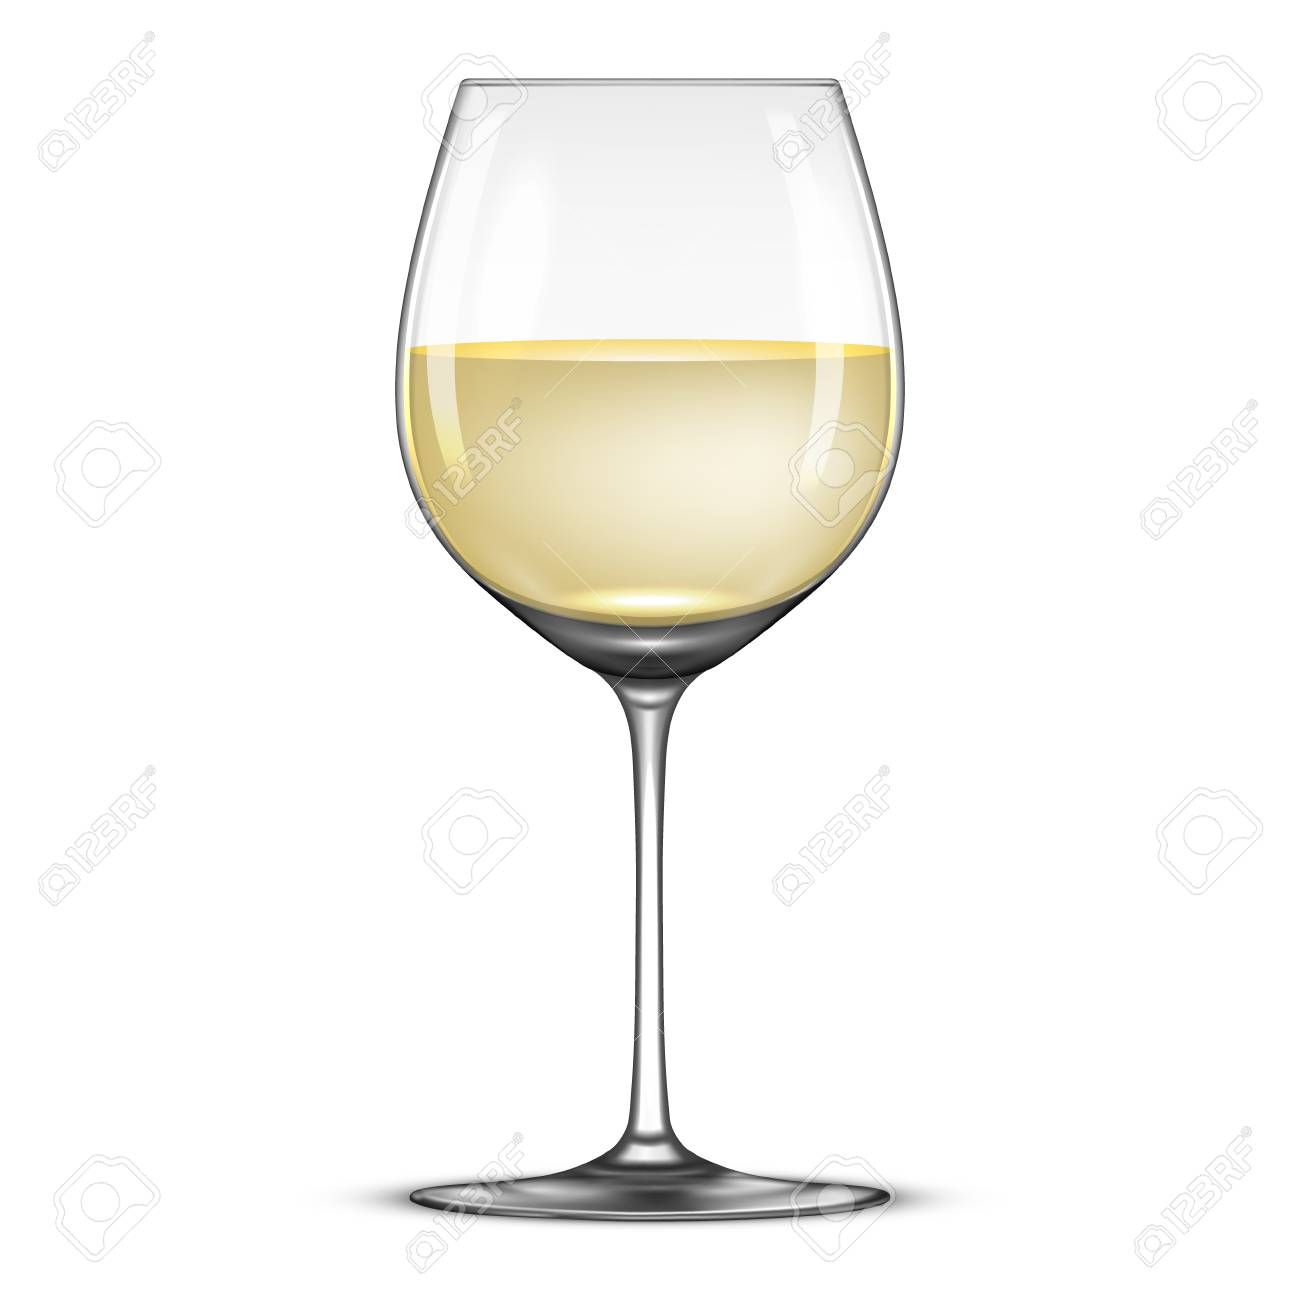 Vecteur réaliste avec l'icône Wineglass vin blanc isolé sur fond blanc.